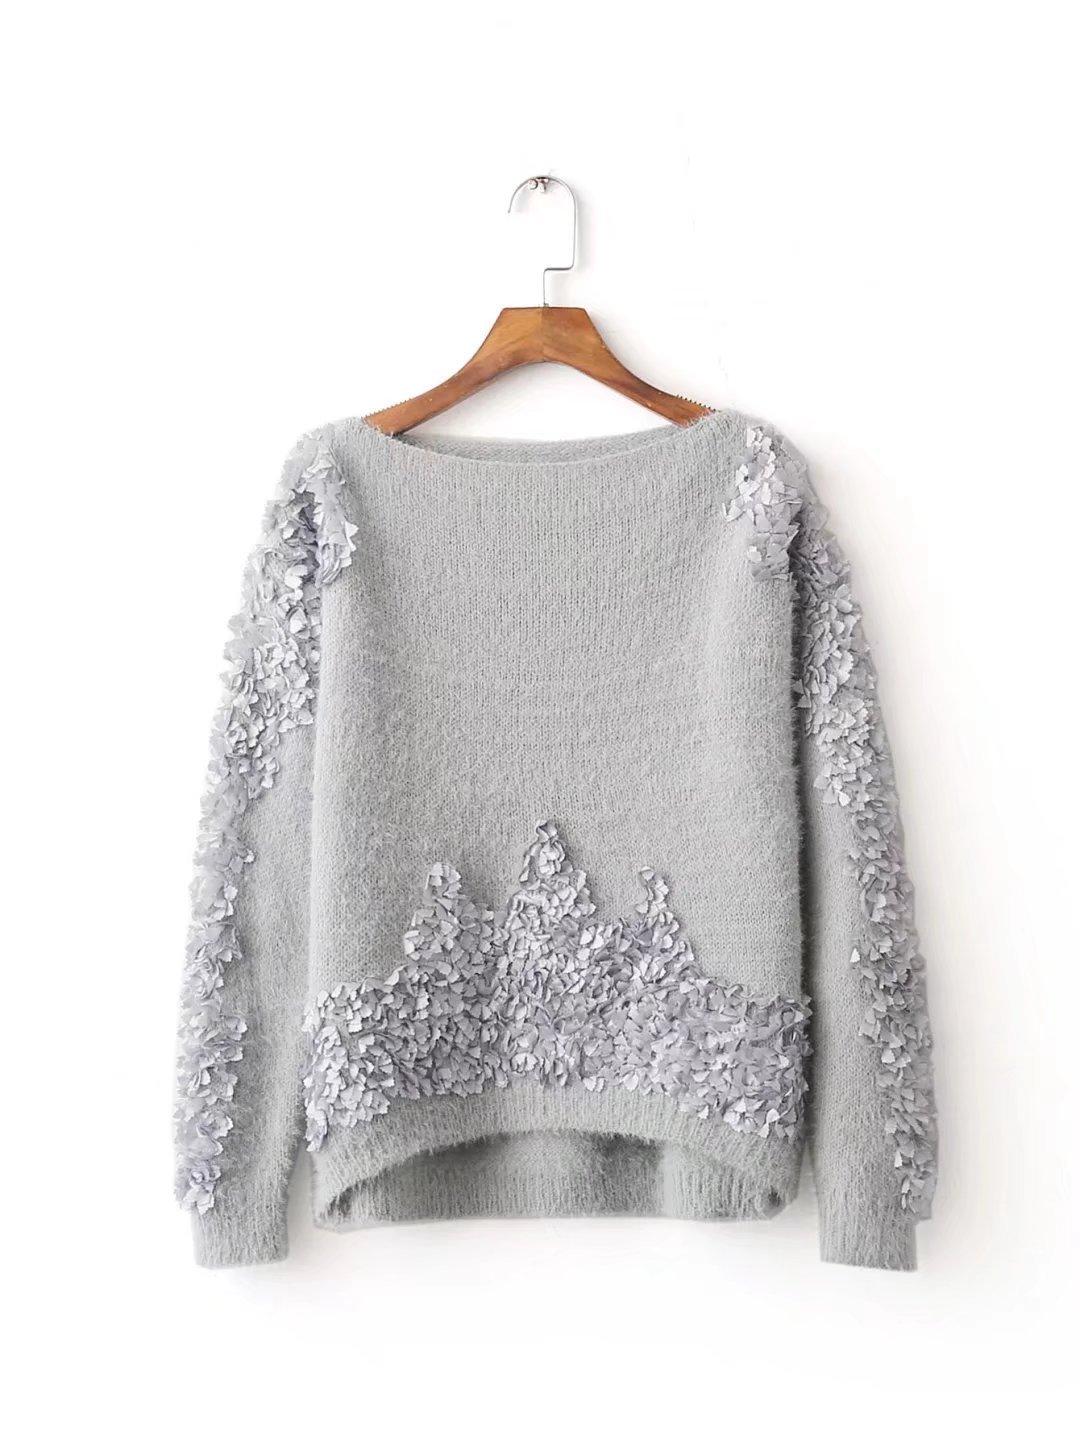 SZYL-Sweater Pullover donna maglione collo donna manica lunga maglia Europa, bianco, taglia unica